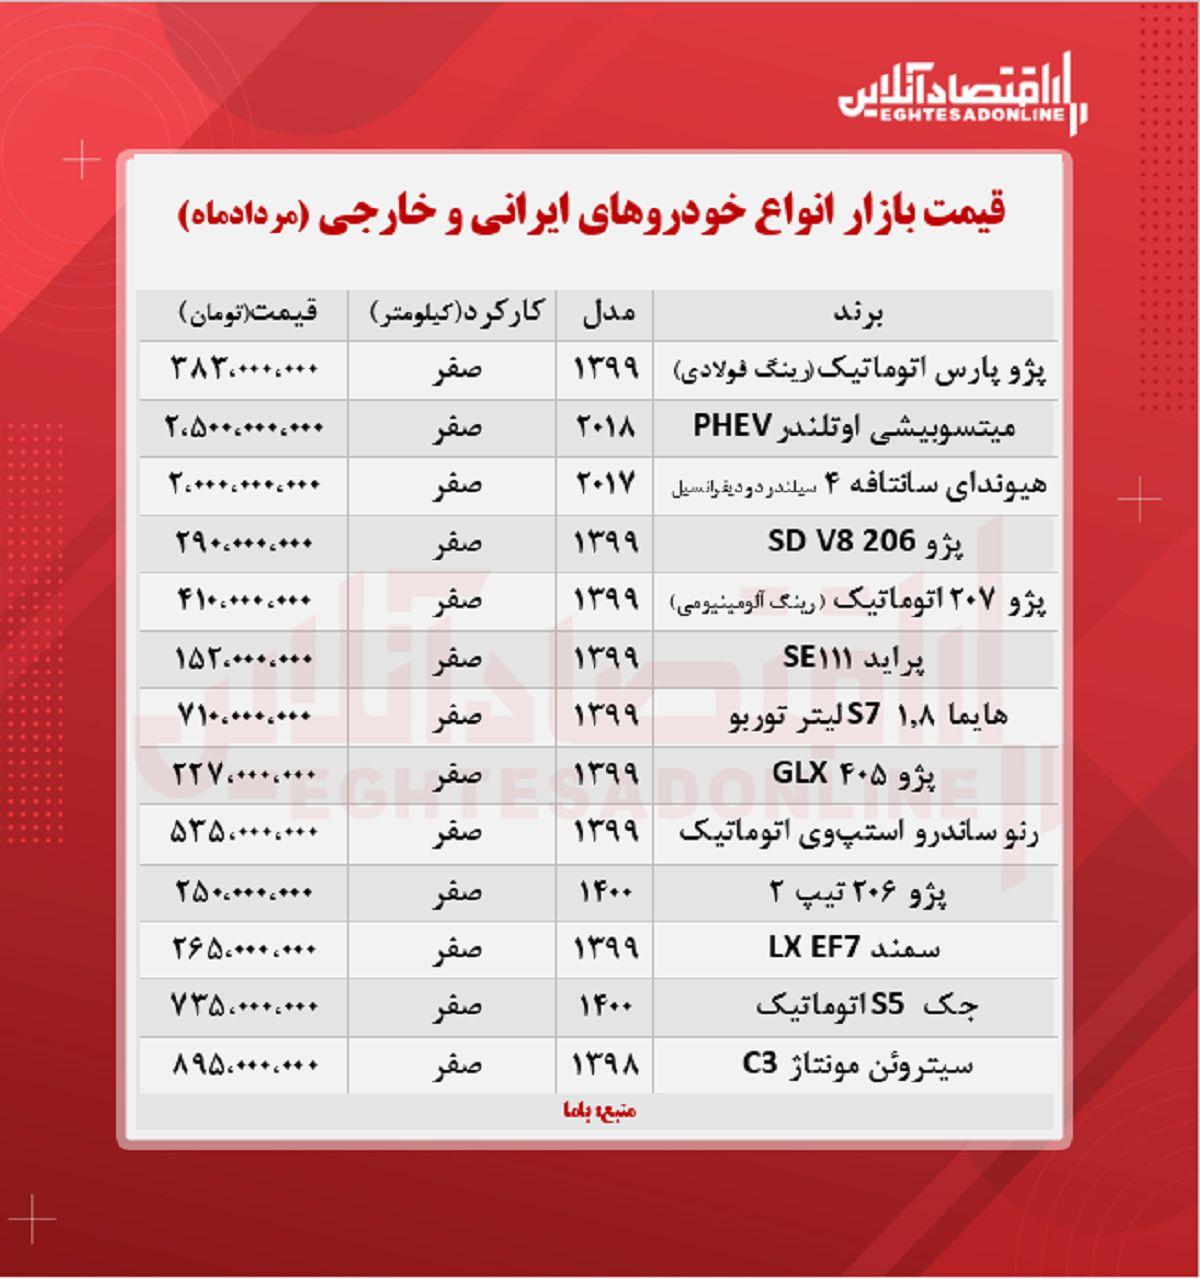 قیمت خودرو امروز ۱۴۰۰/۵/۳۱